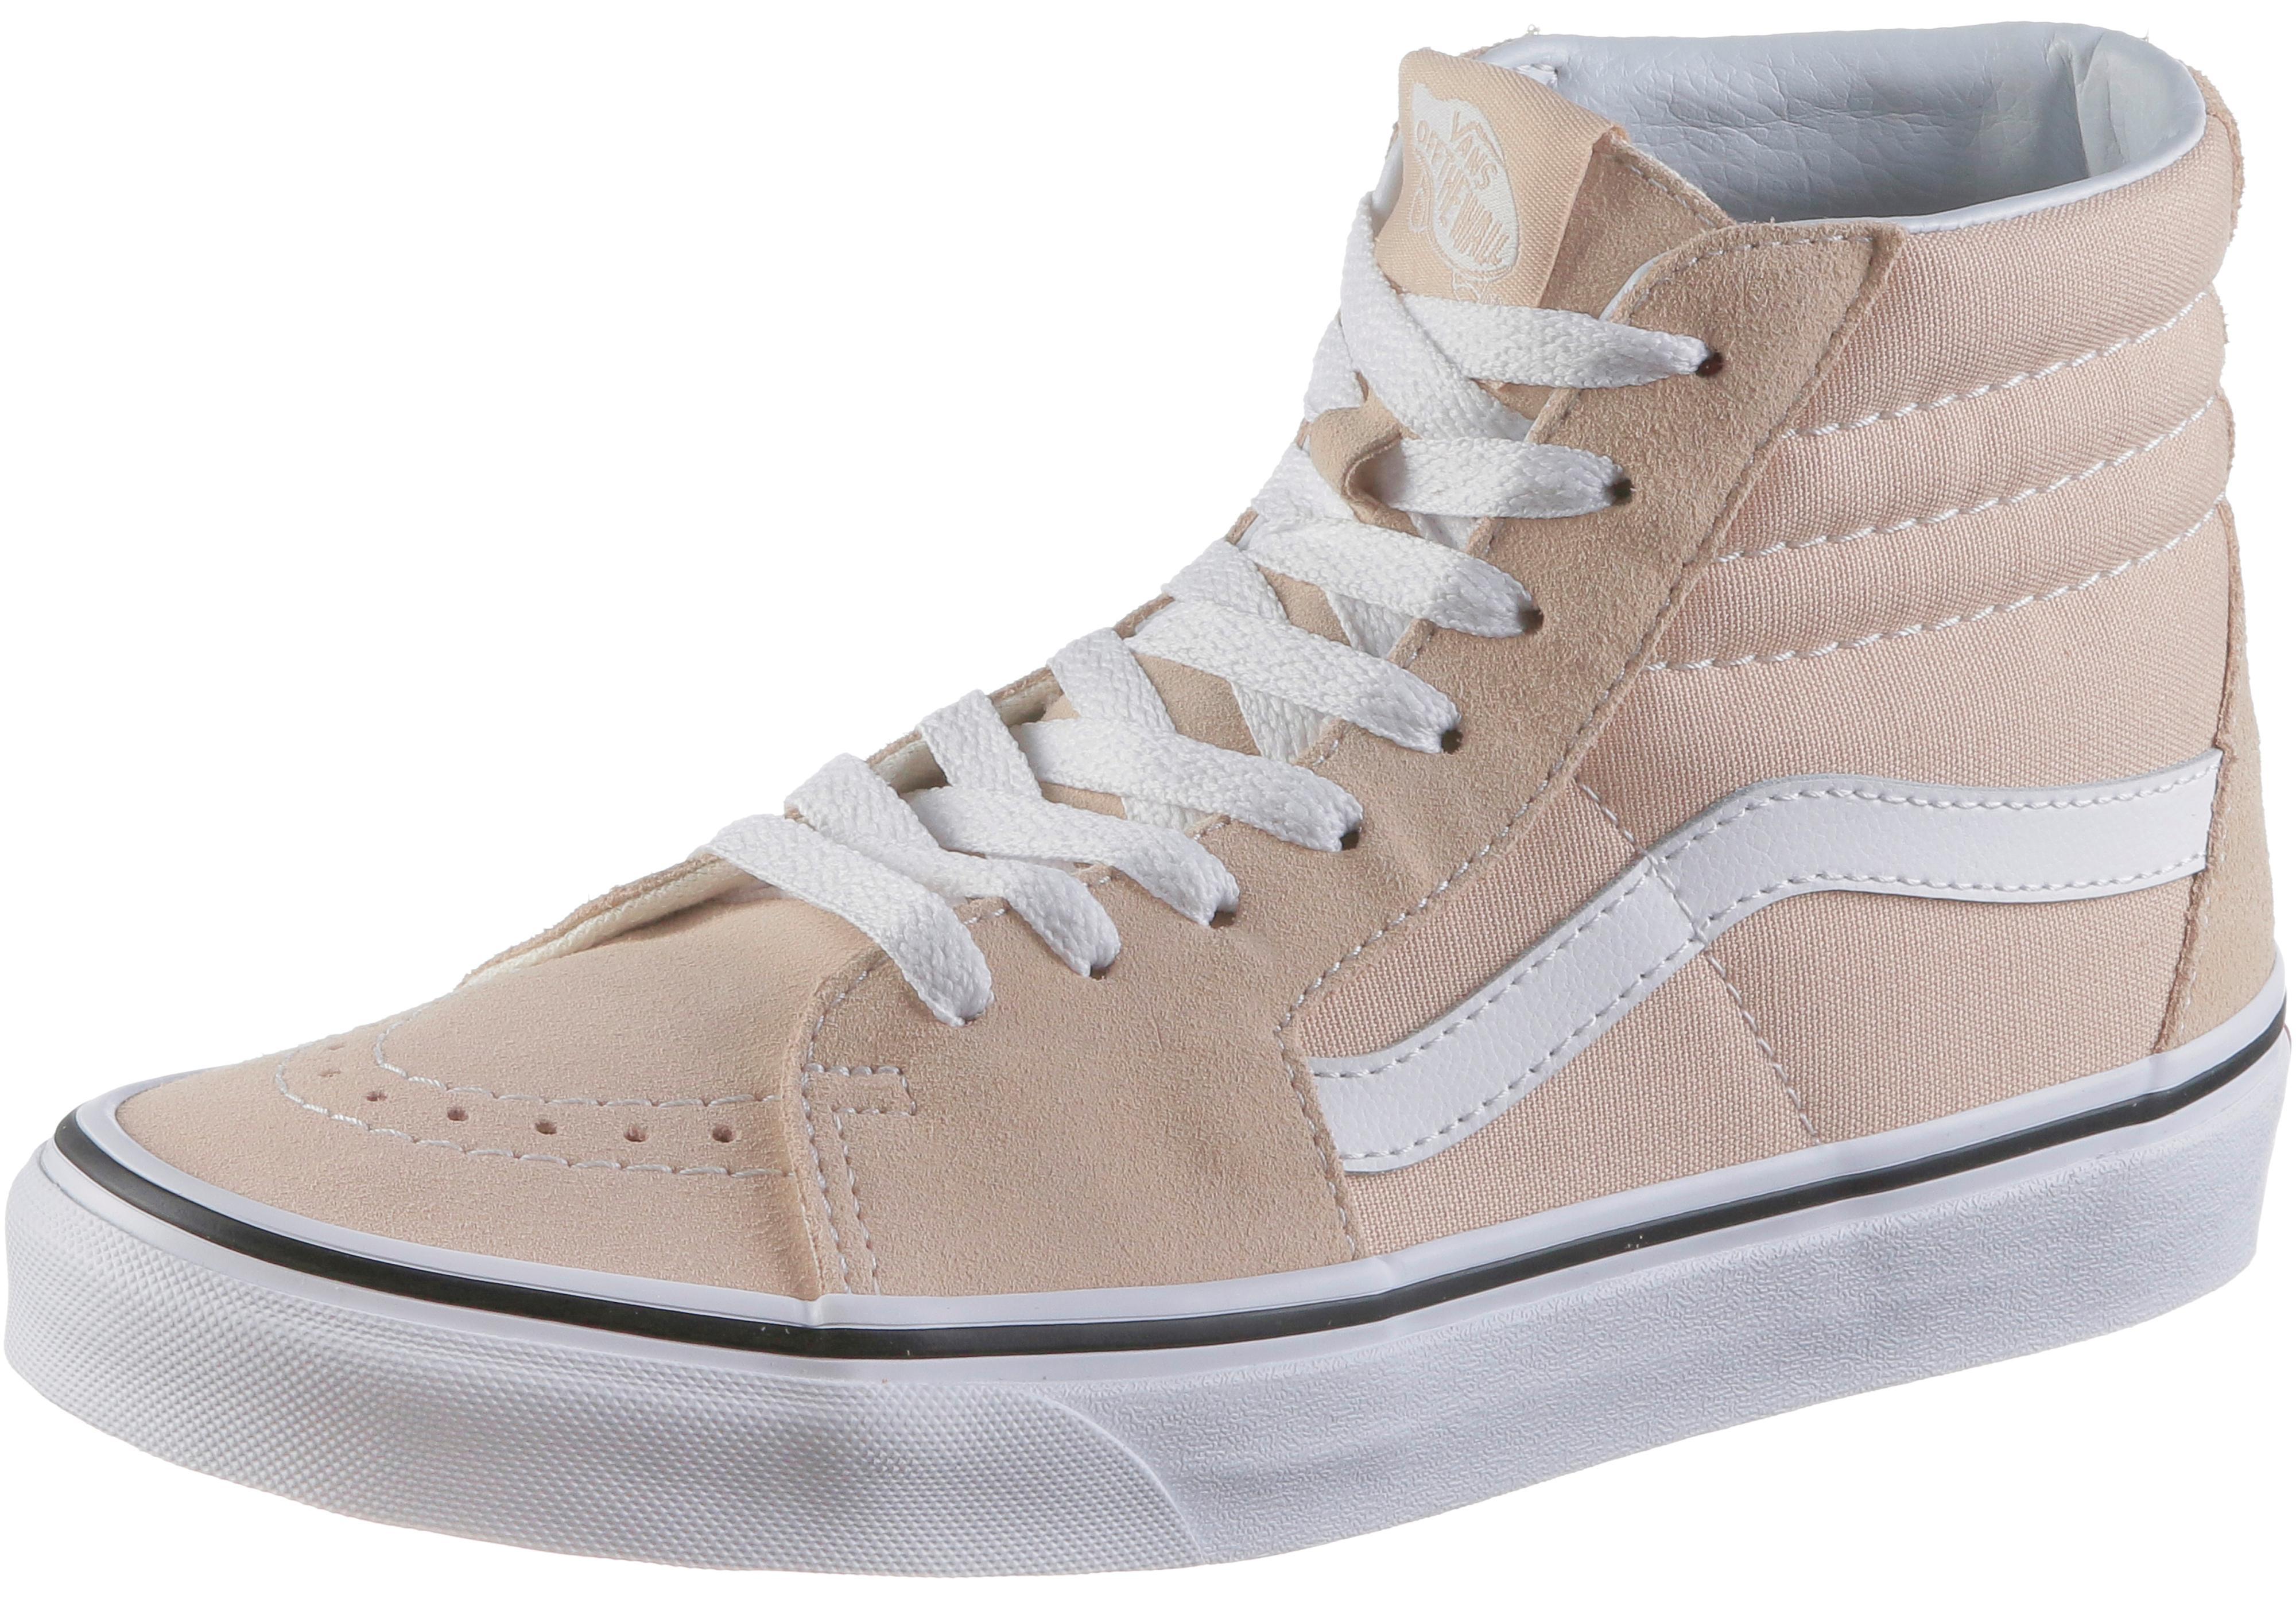 Vans Sk8 Hi ComfyCush Sneaker Herren schwarz weiß im Online Shop von SportScheck kaufen